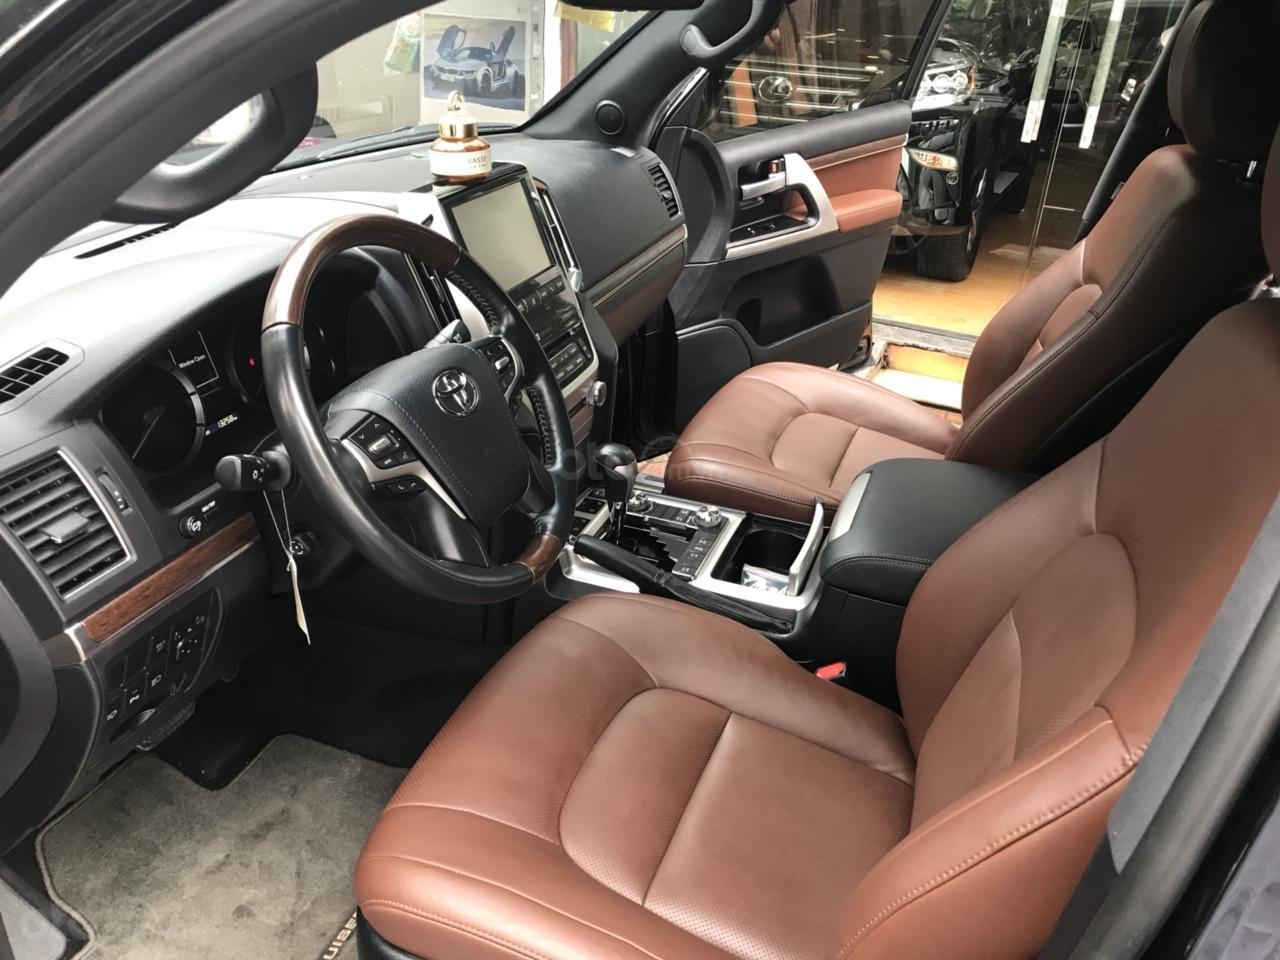 MT Auto bán Toyota Land Cruiser V8 5.7 SX 2016, xe mới 100% màu đen, xe nhập Mỹ nguyên chiếc - LH em Hương 0945392468-6